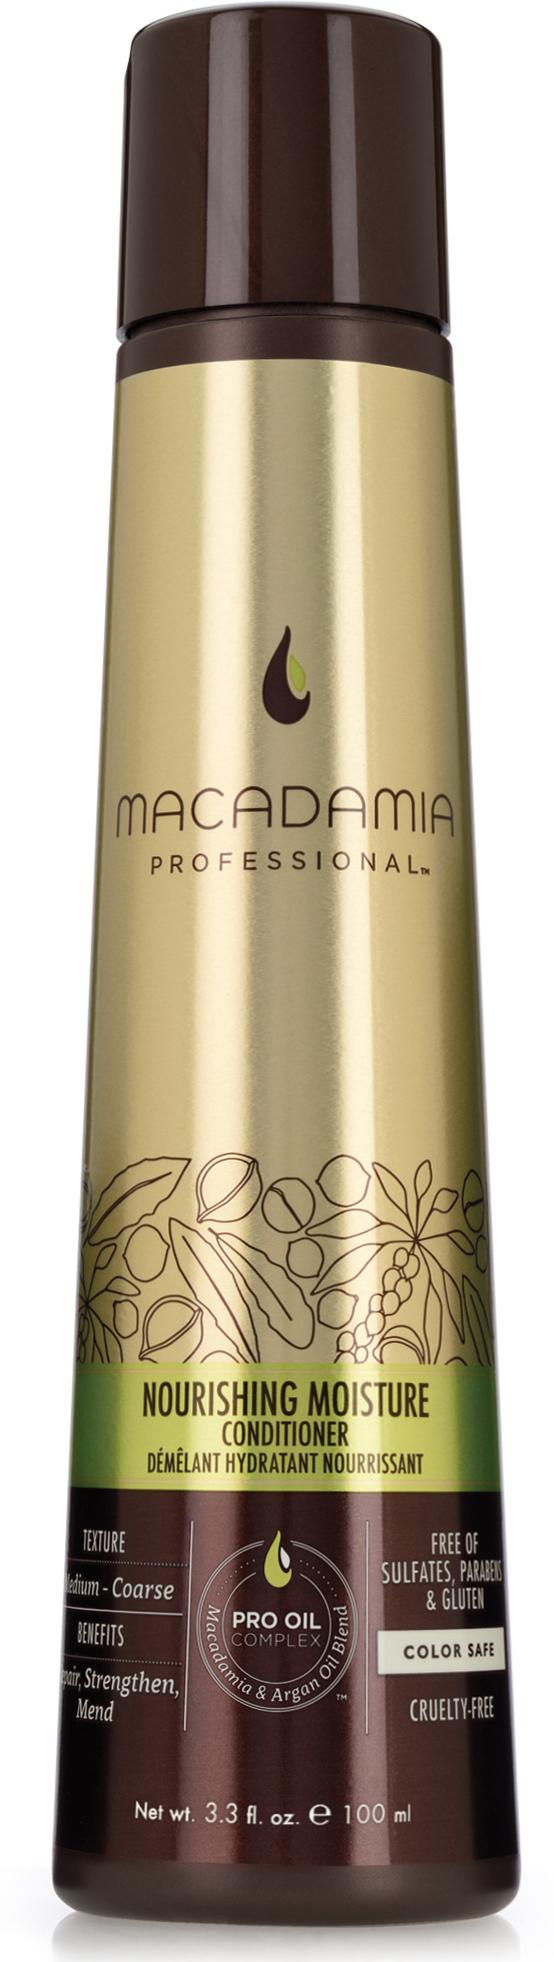 Macadamia Professional Кондиционер питательный для всех типов волос, 100 мл200201Роскошная формула кондиционера Macadamia Professional с эксклюзивным комплексом Pro Oil Complex с маслами макадамии и арганы, масла авокадо, лесного ореха способствуют глубокому восстановлению и увлажнению волос и кожи головы. Сочетание коллагена и аминокислот шелка укрепляют полотно волоса. Обеспечивает мягкость, блеск и защиту от негативного действия УФ-лучей.